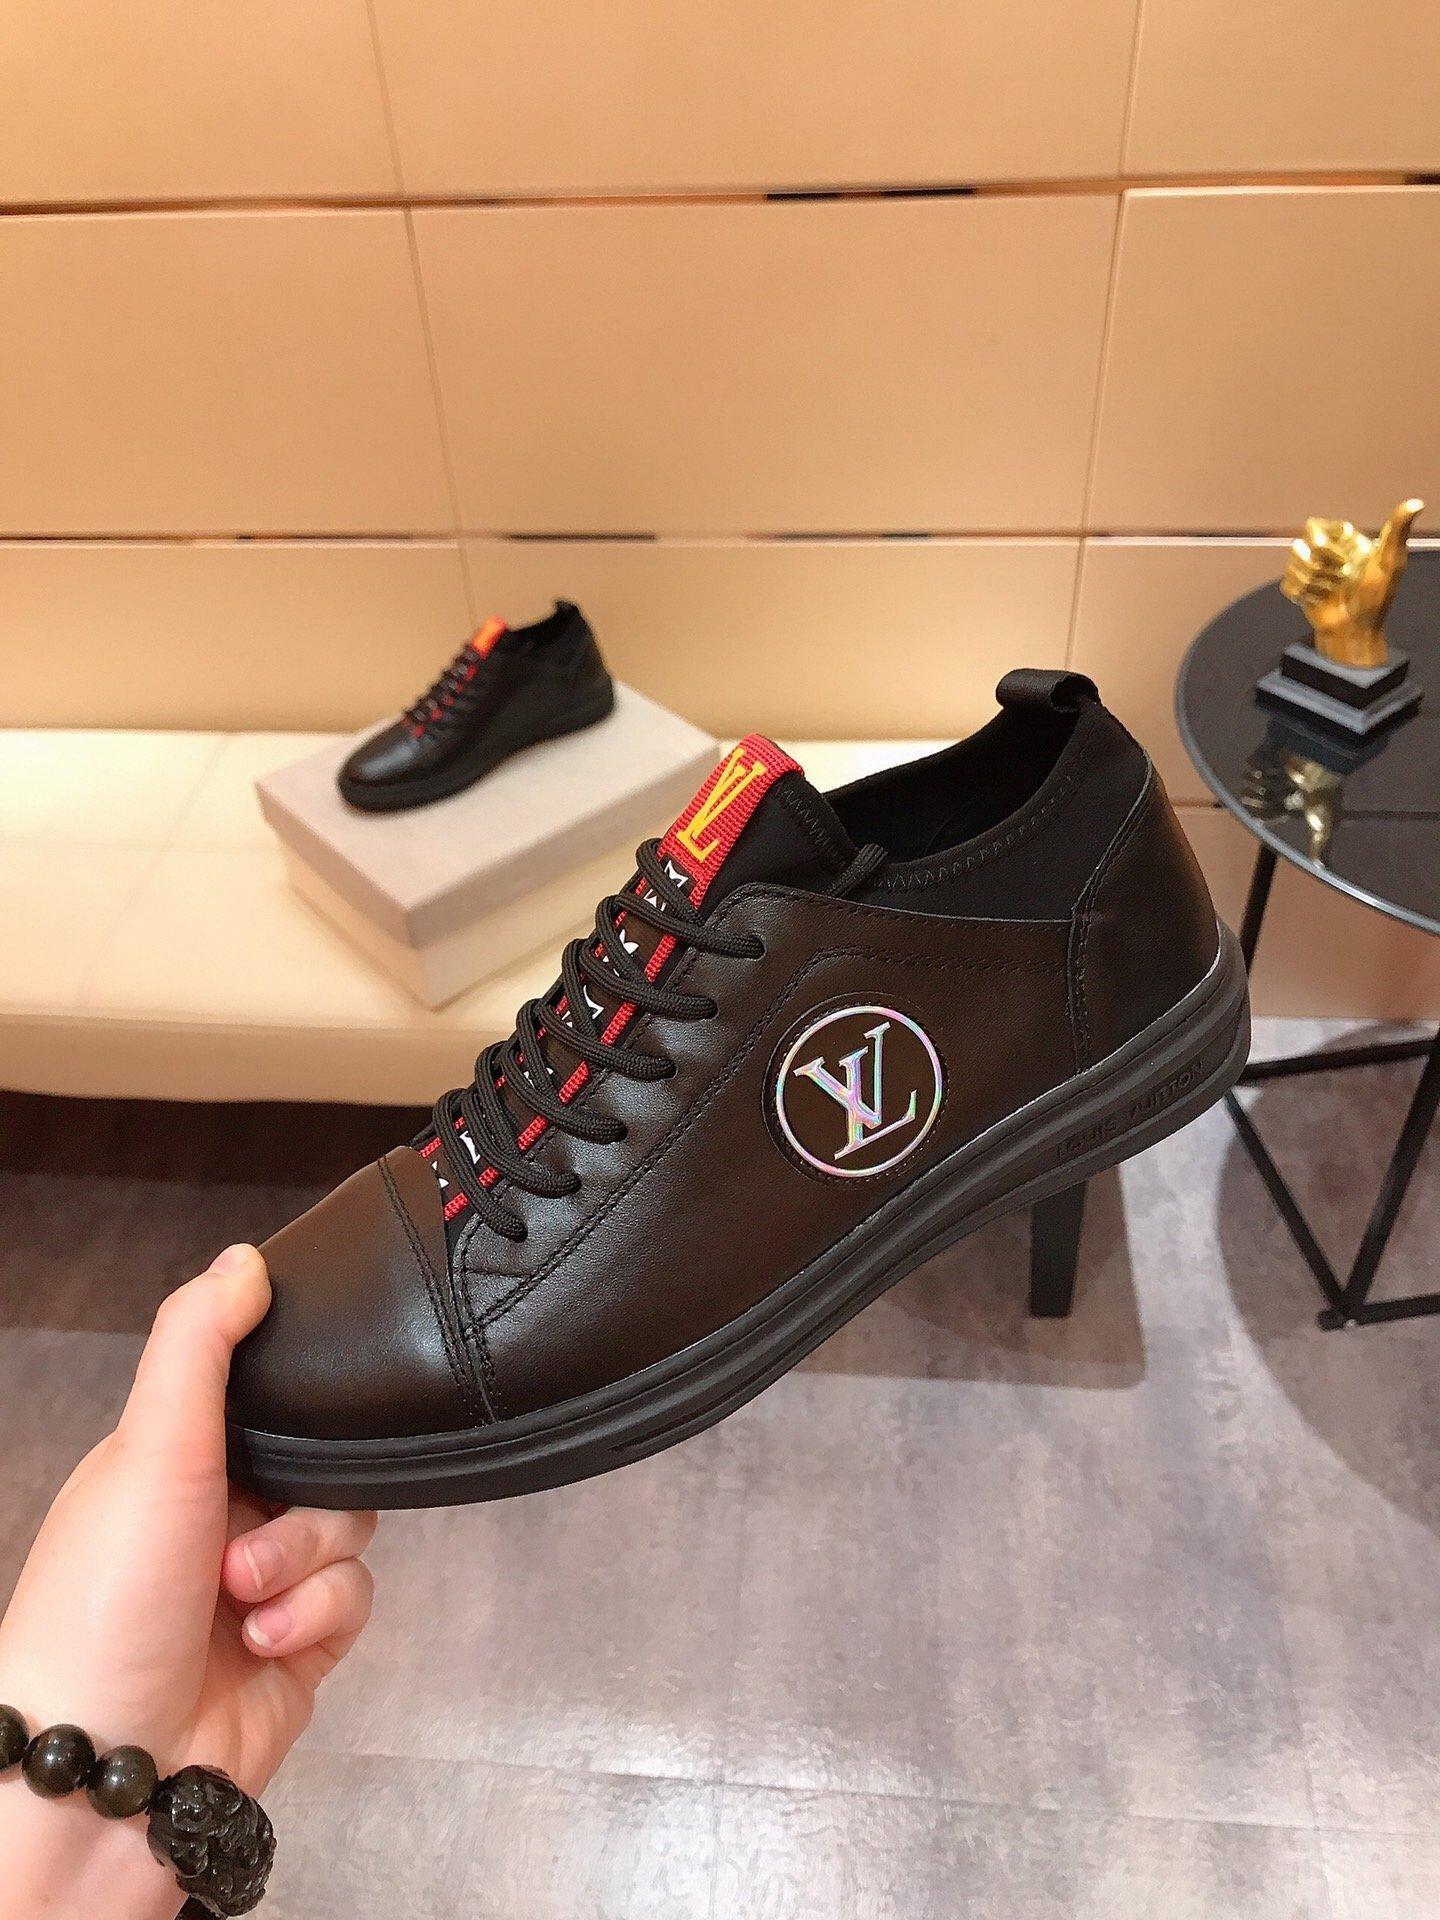 Diseñador de lujo Rockrunner zapatillas de deporte de cuero mujeres de los hombres zapatos casuales zapatillas de deporte Calzado mujeres se visten de Pisos Zapatillas de deporte Tenis impresión H153